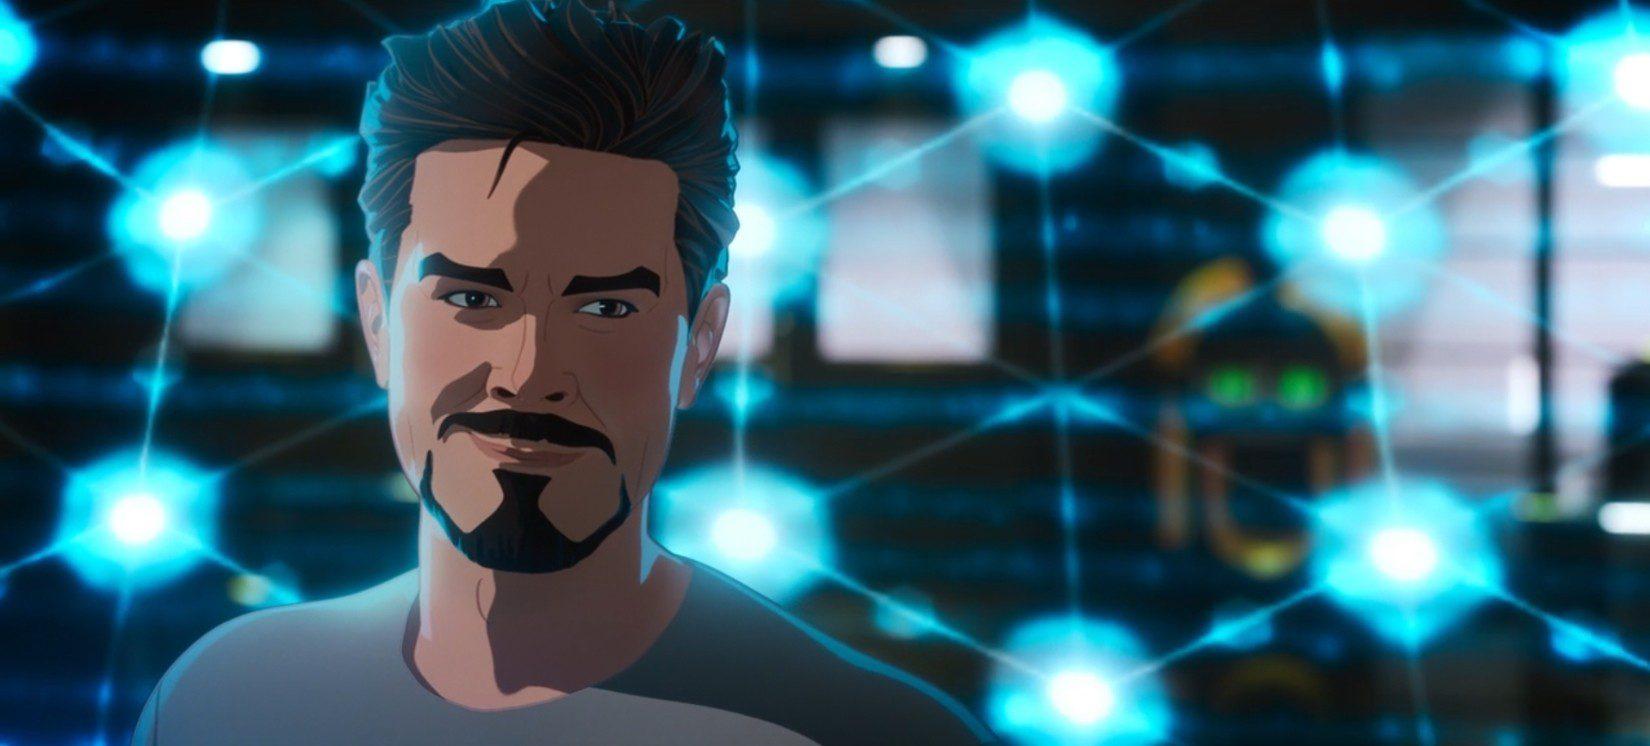 What If Killmonger Rescued Tony Stark